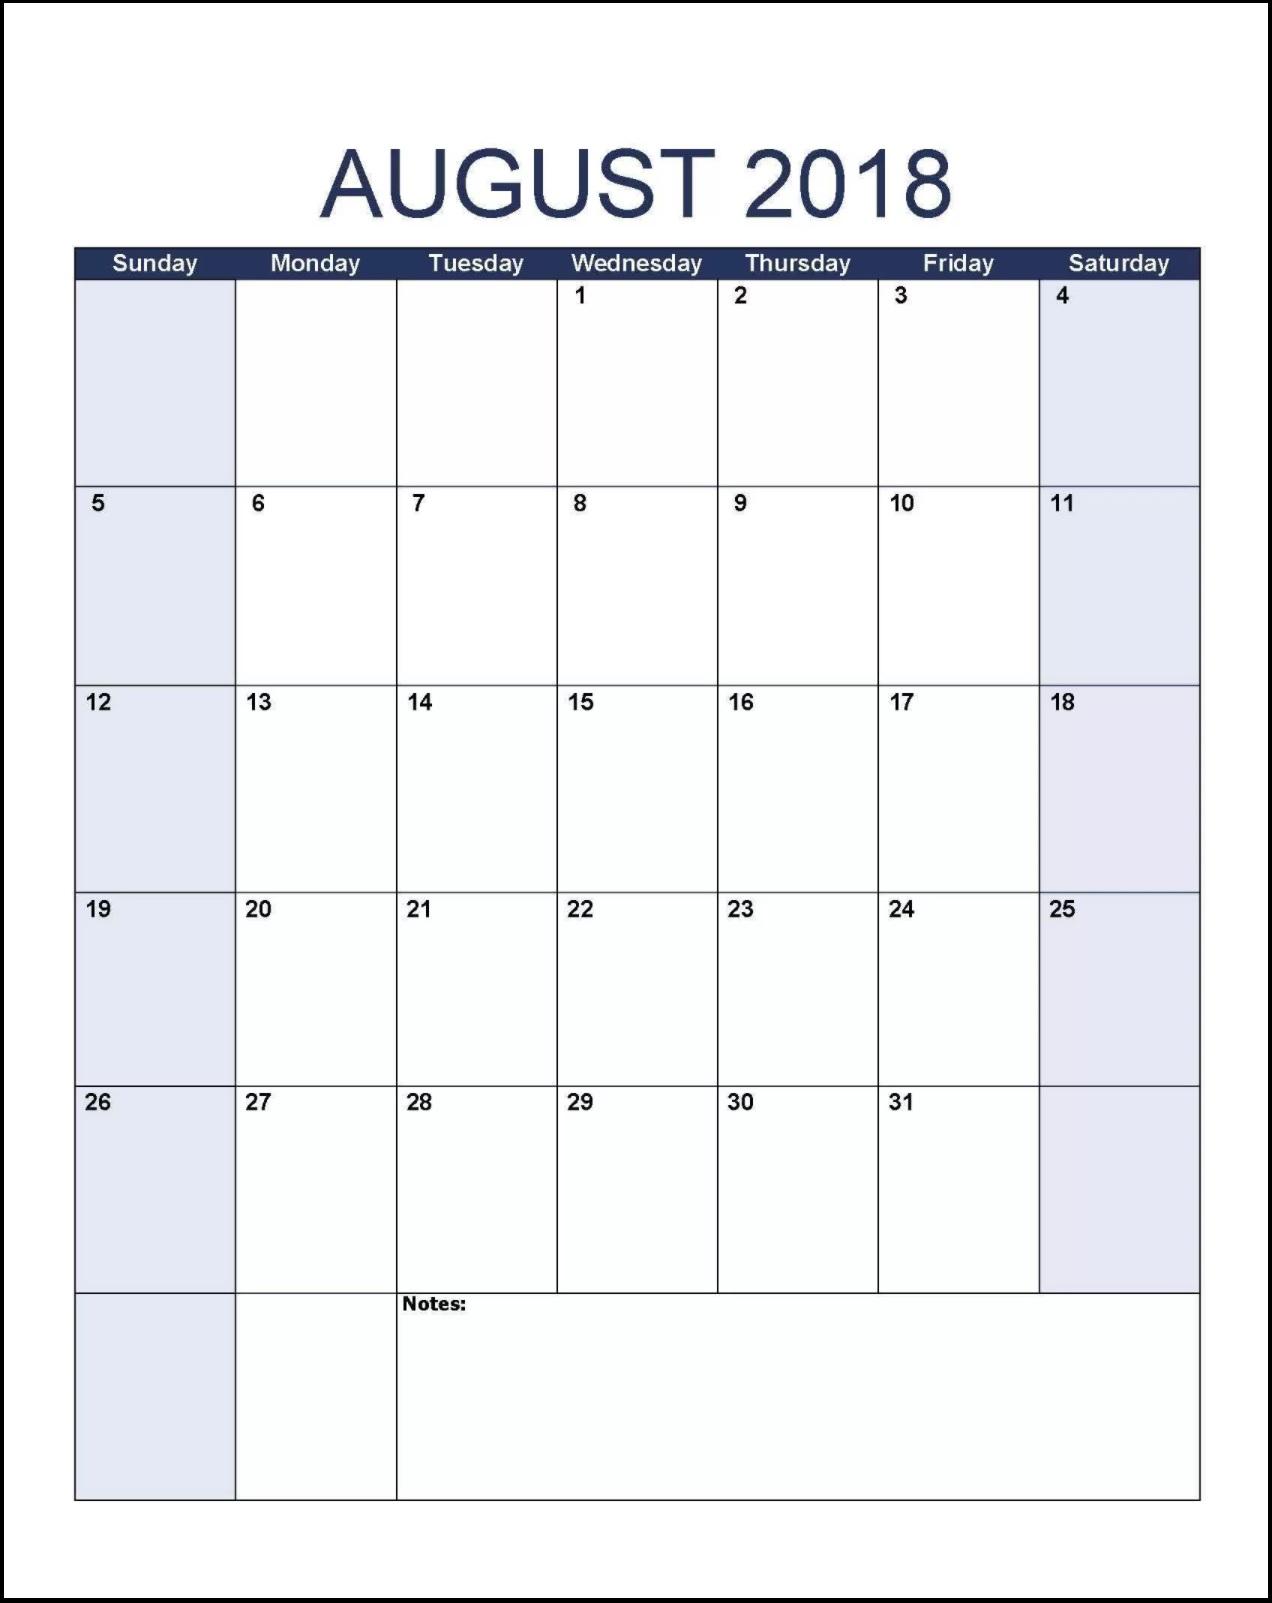 August 2018 Calendar Planner